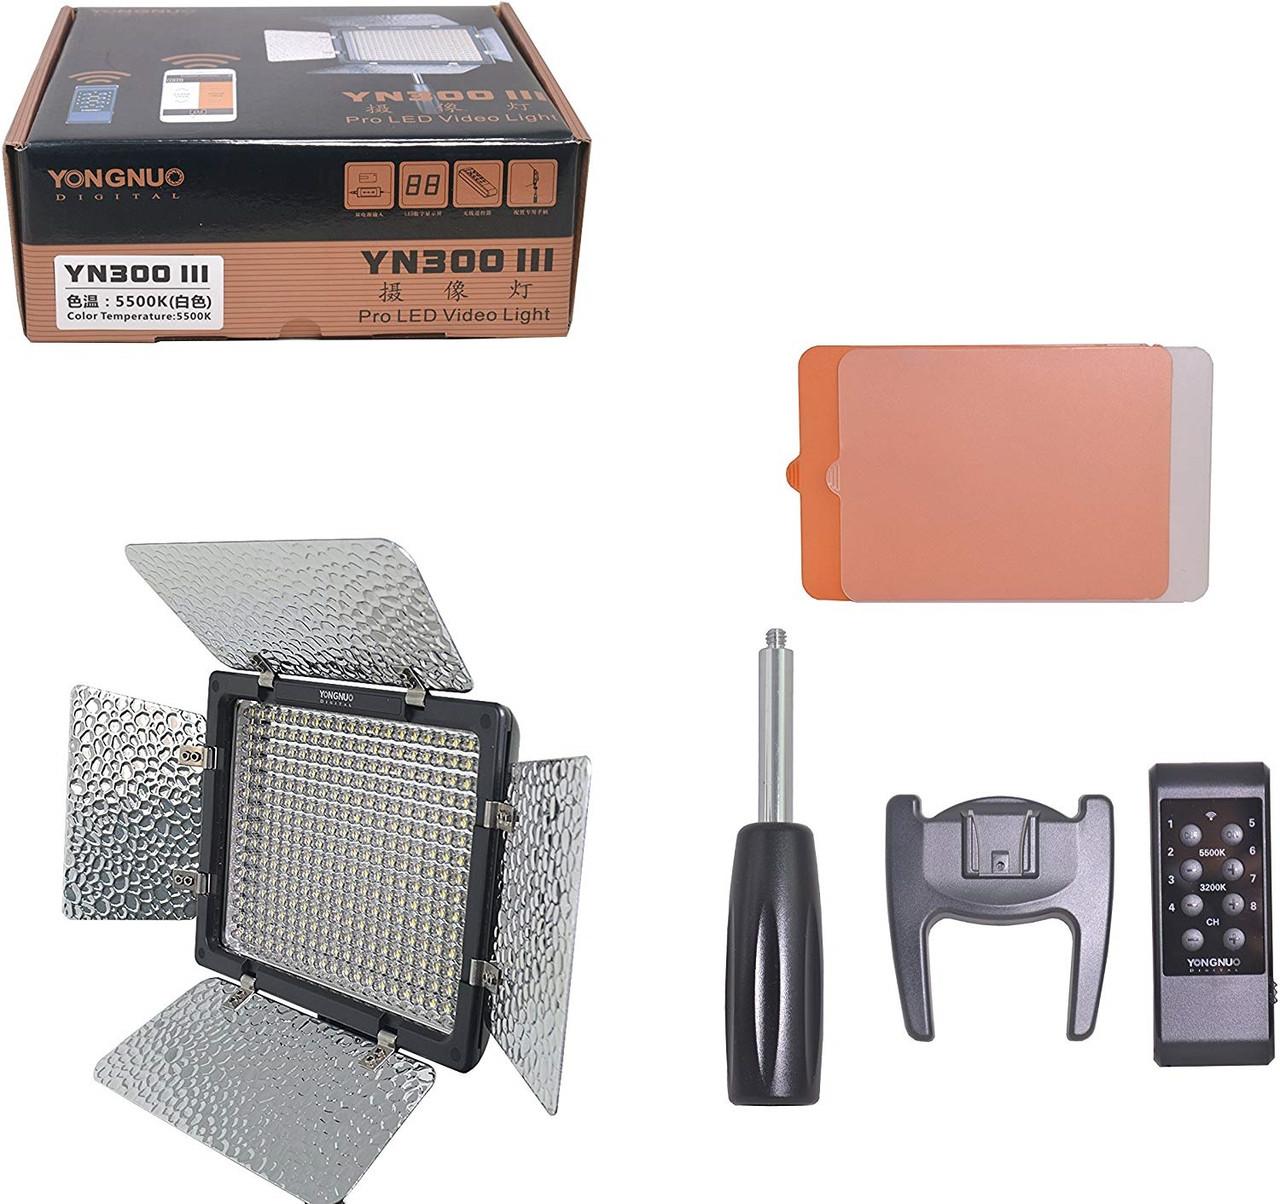 LED осветитель Yongnuo YN300 III mono-color 5500K CRI 95+ (постоянный видеосвет)